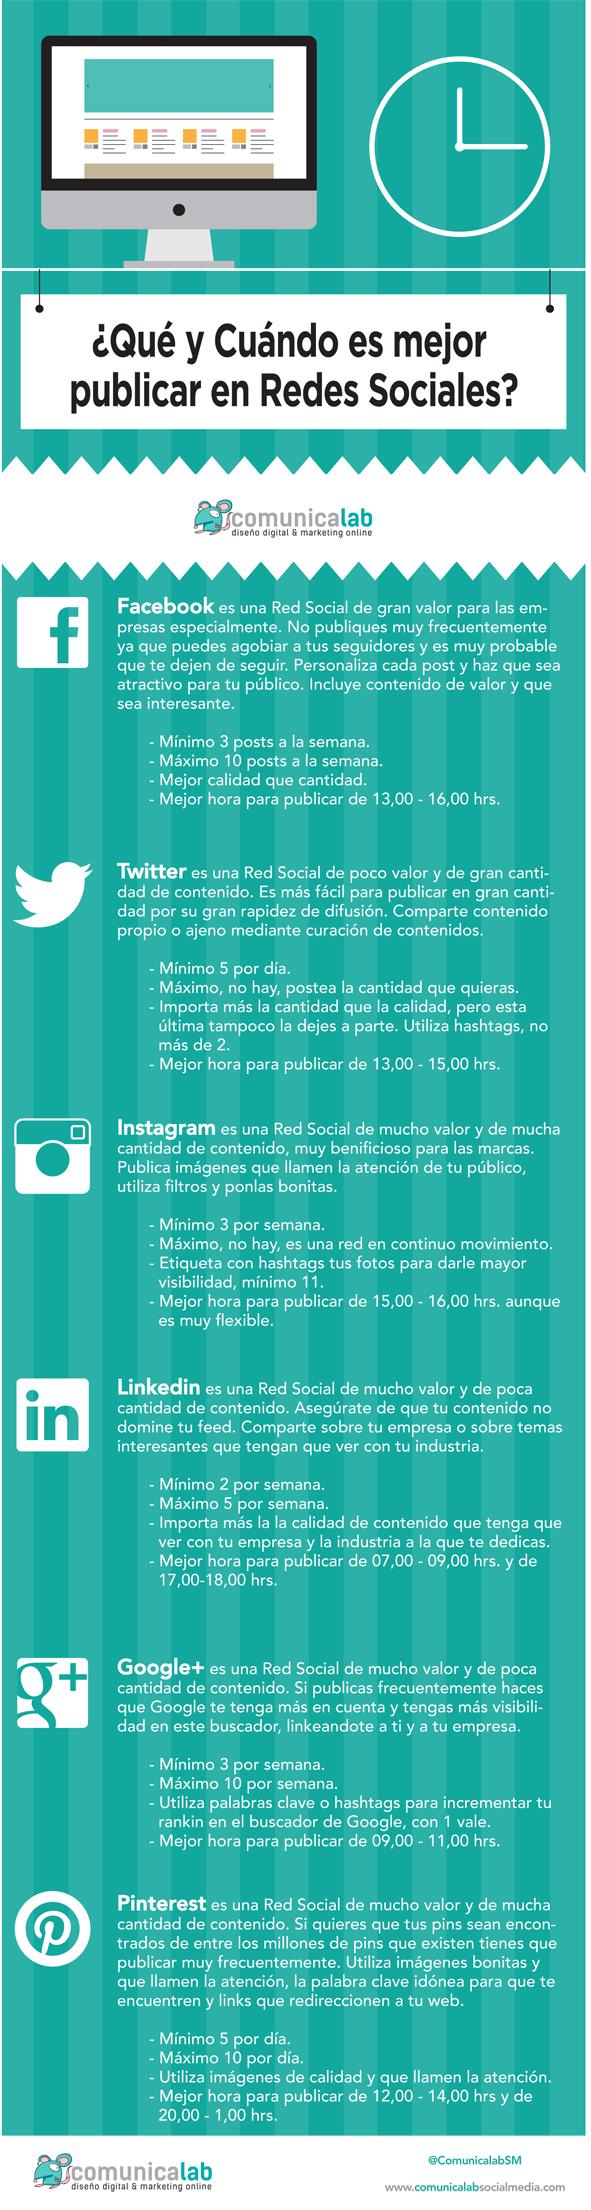 Qué y Cuándo es mejor publicar en Redes Sociales